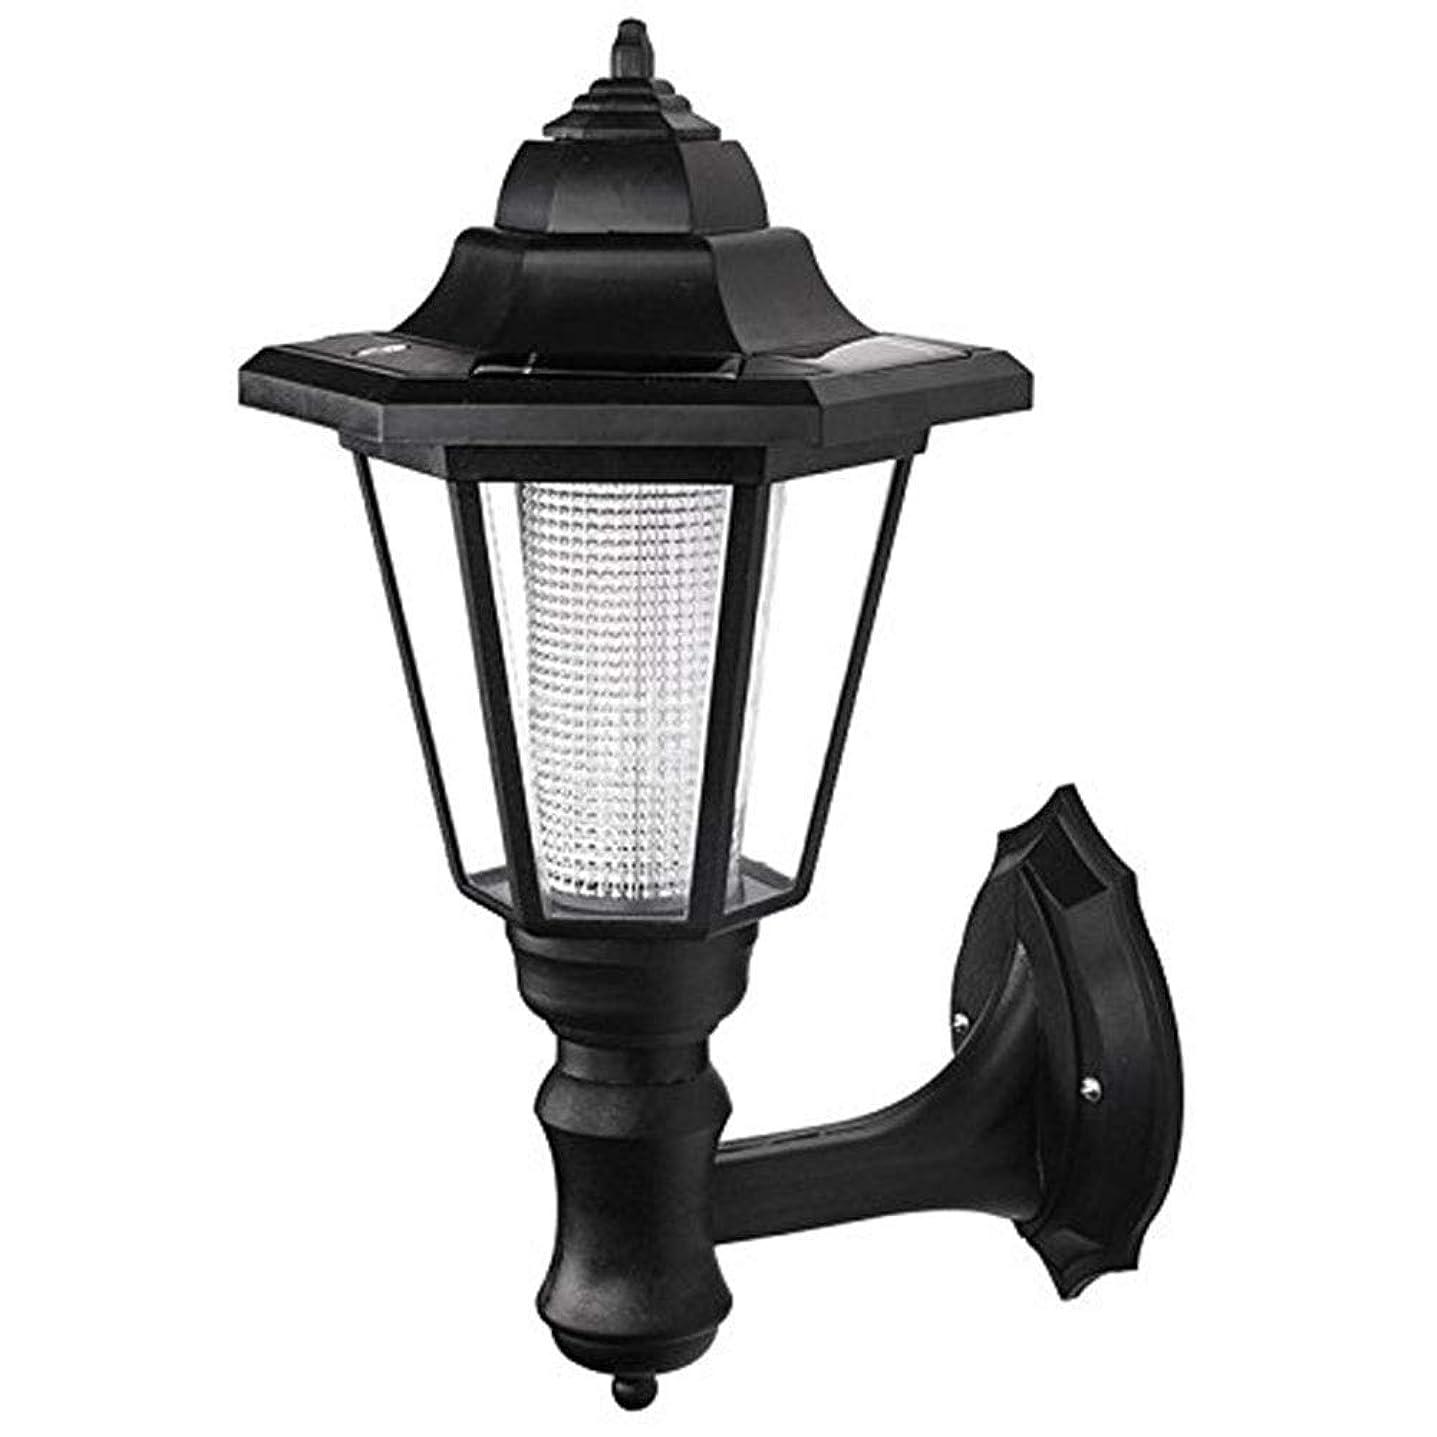 場合有利反乱Egursソーラーウォールランタン屋外用LED壁取り付け用燭台ランタンウォールライトセキュリティライト用ガーデンフェンスヤード